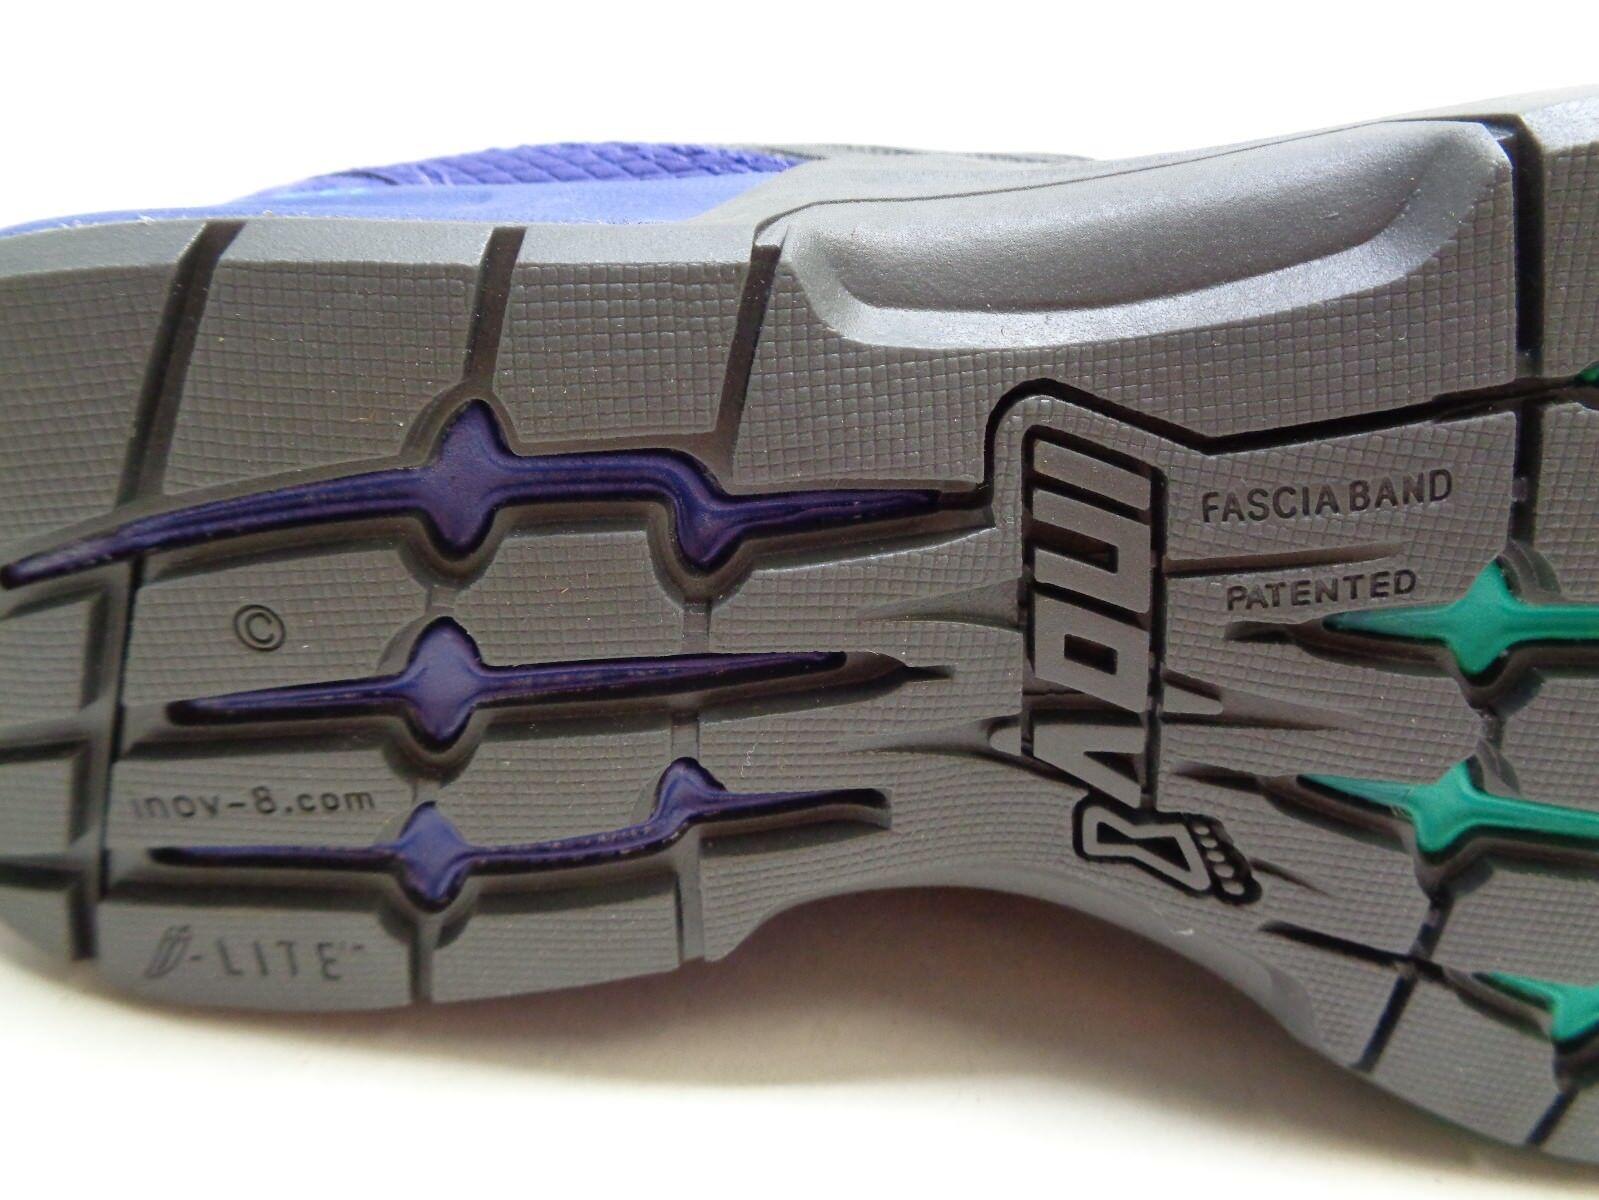 INOV-8 Größe 6 Wide F-LITE 250 STANDARD FIT Gray Purple Sneakers NEU Damenschuhe Schuhes